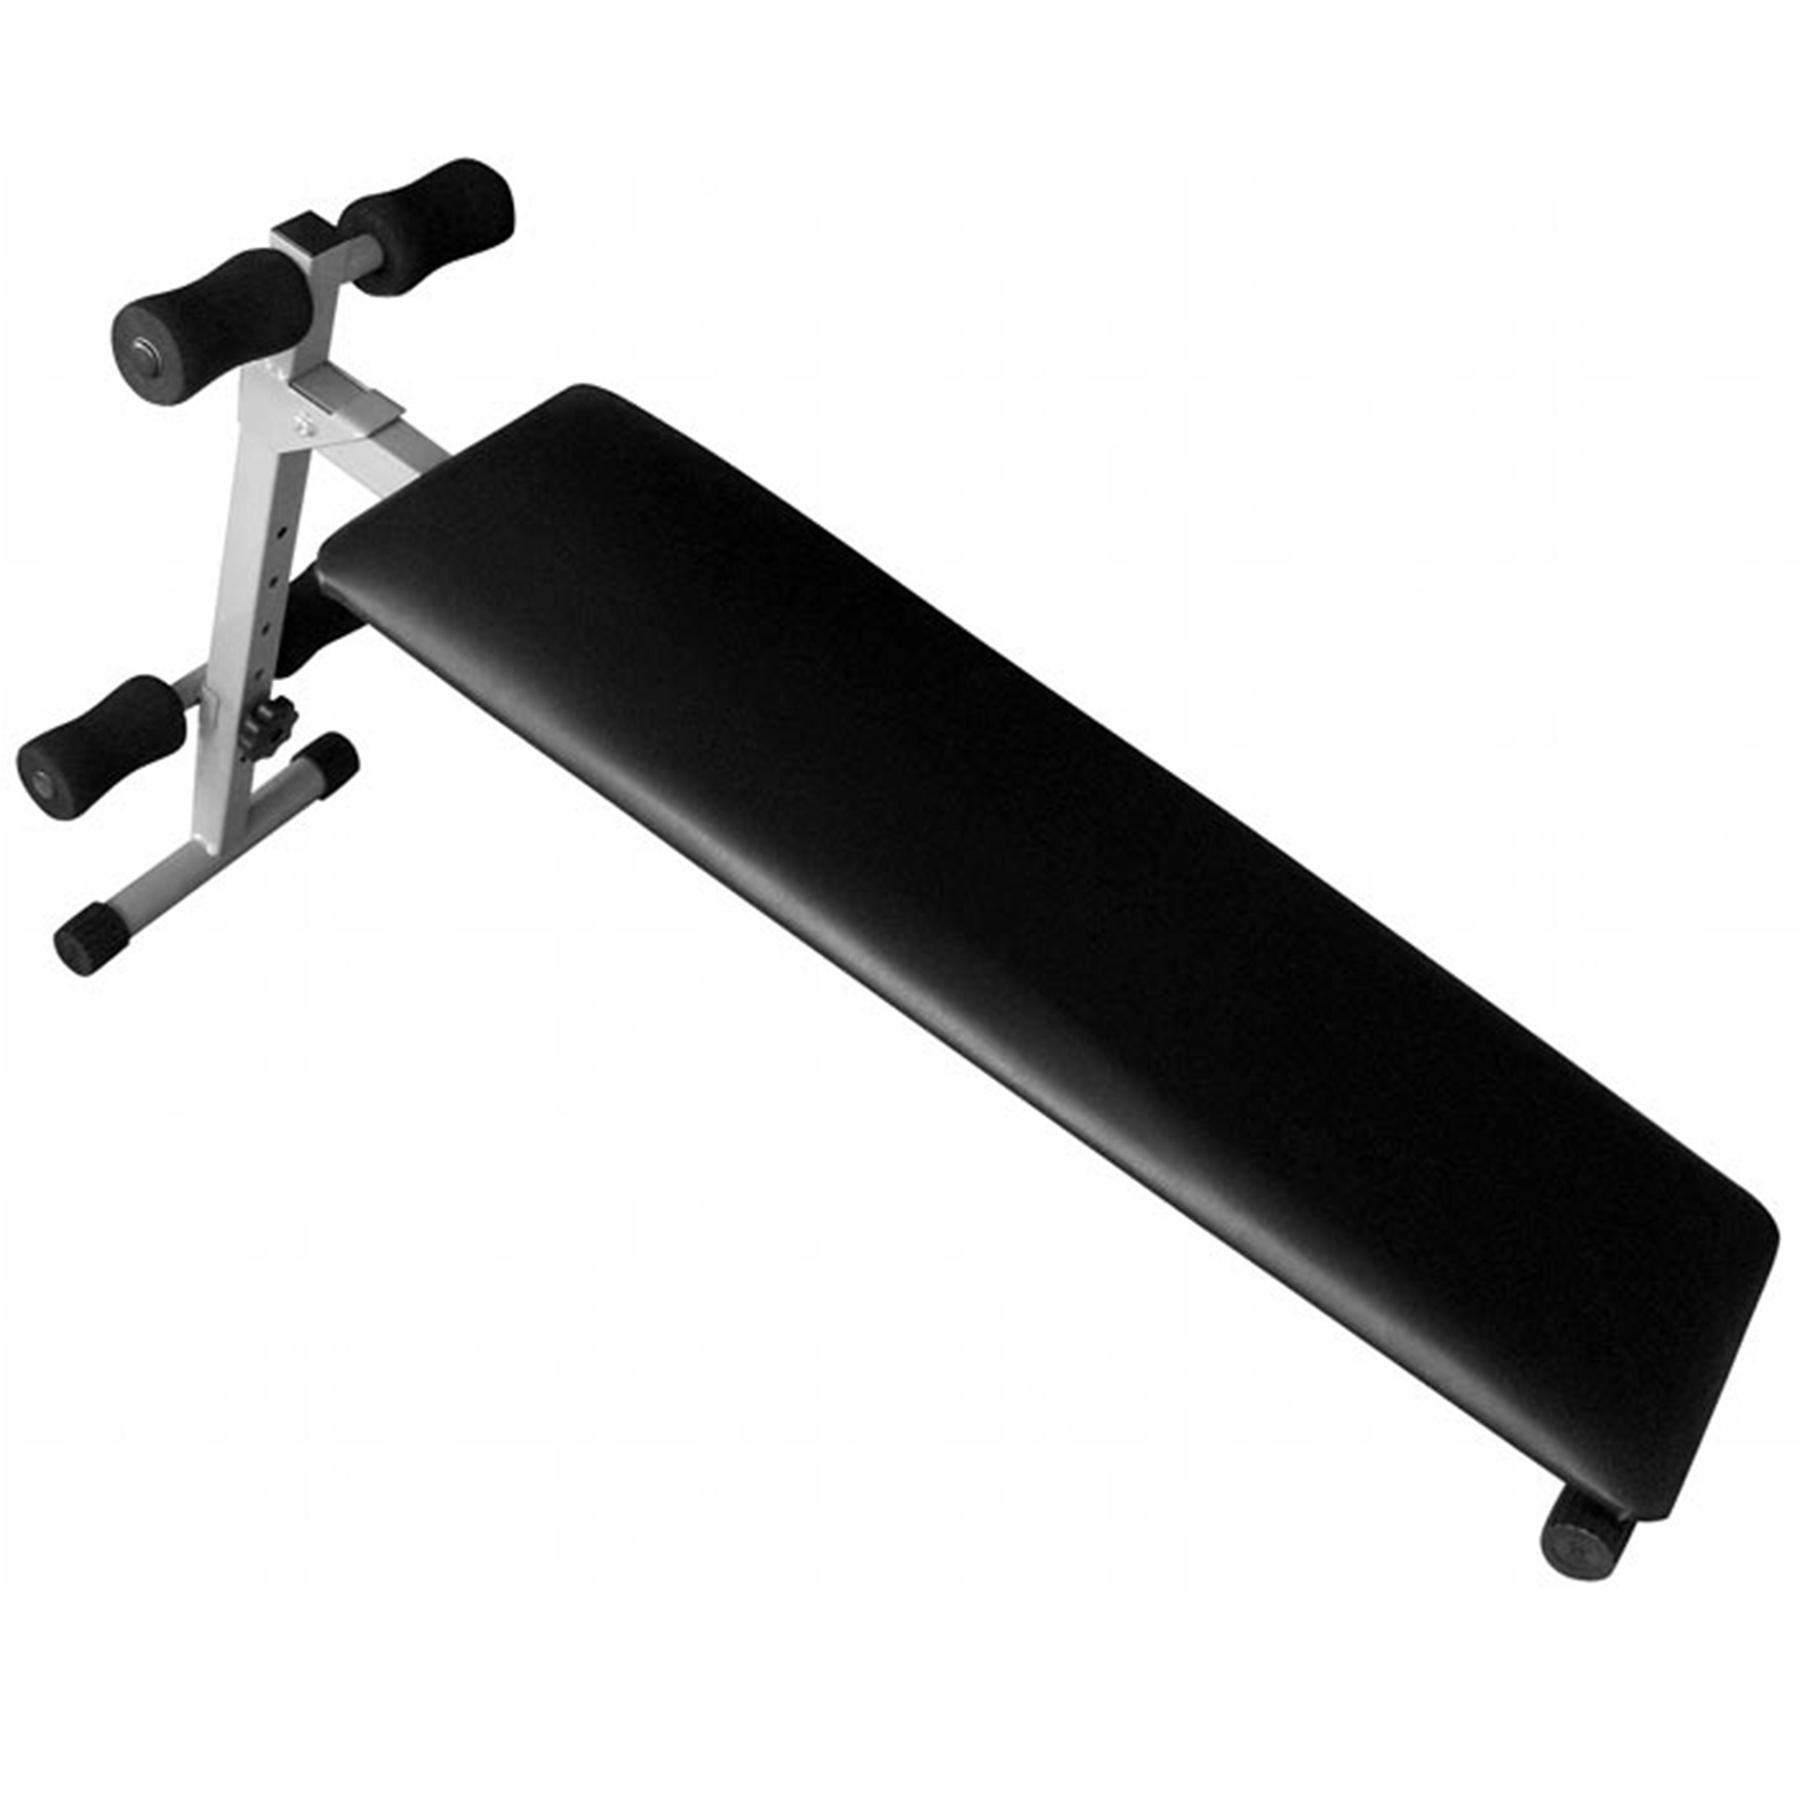 Скамья для пресса SB 1210, прямая, изм. угол наклона, 139*33*64 см. Вес:8 кг.